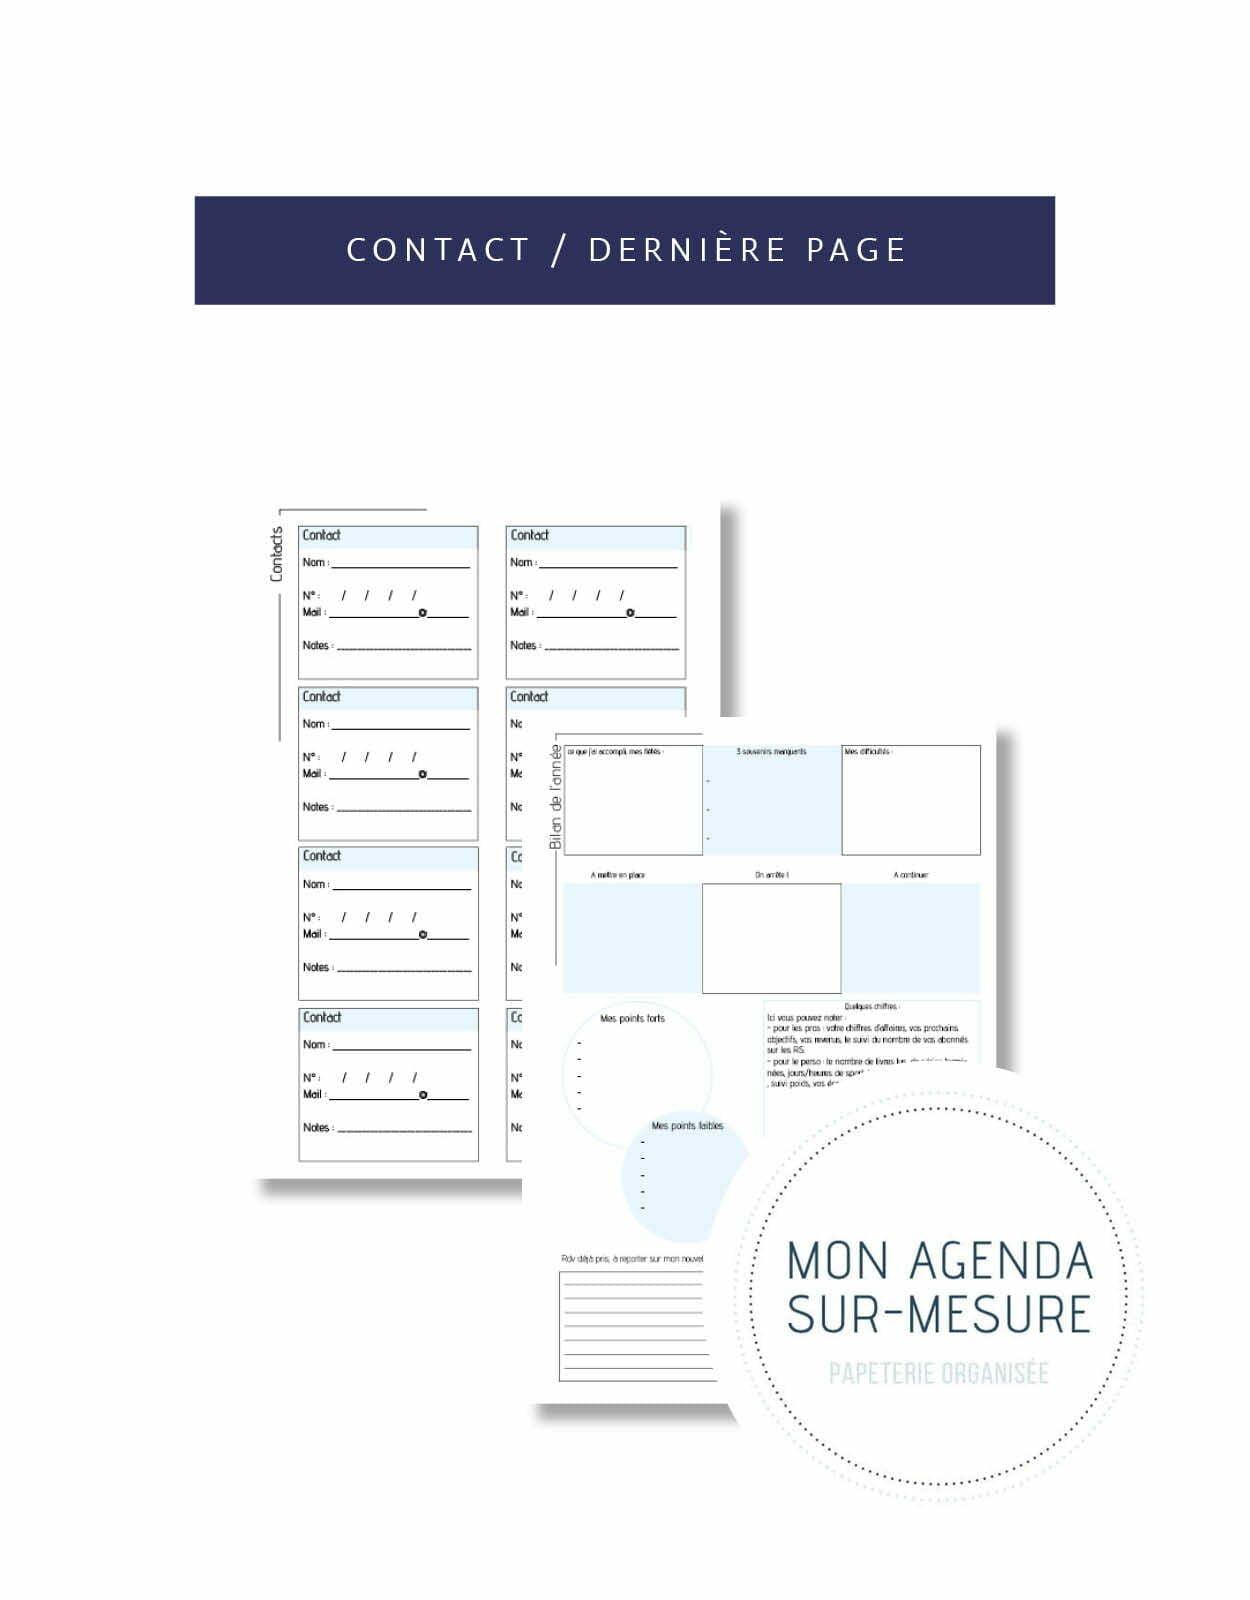 page-agenda-sur-mesure-contact-page-bilan